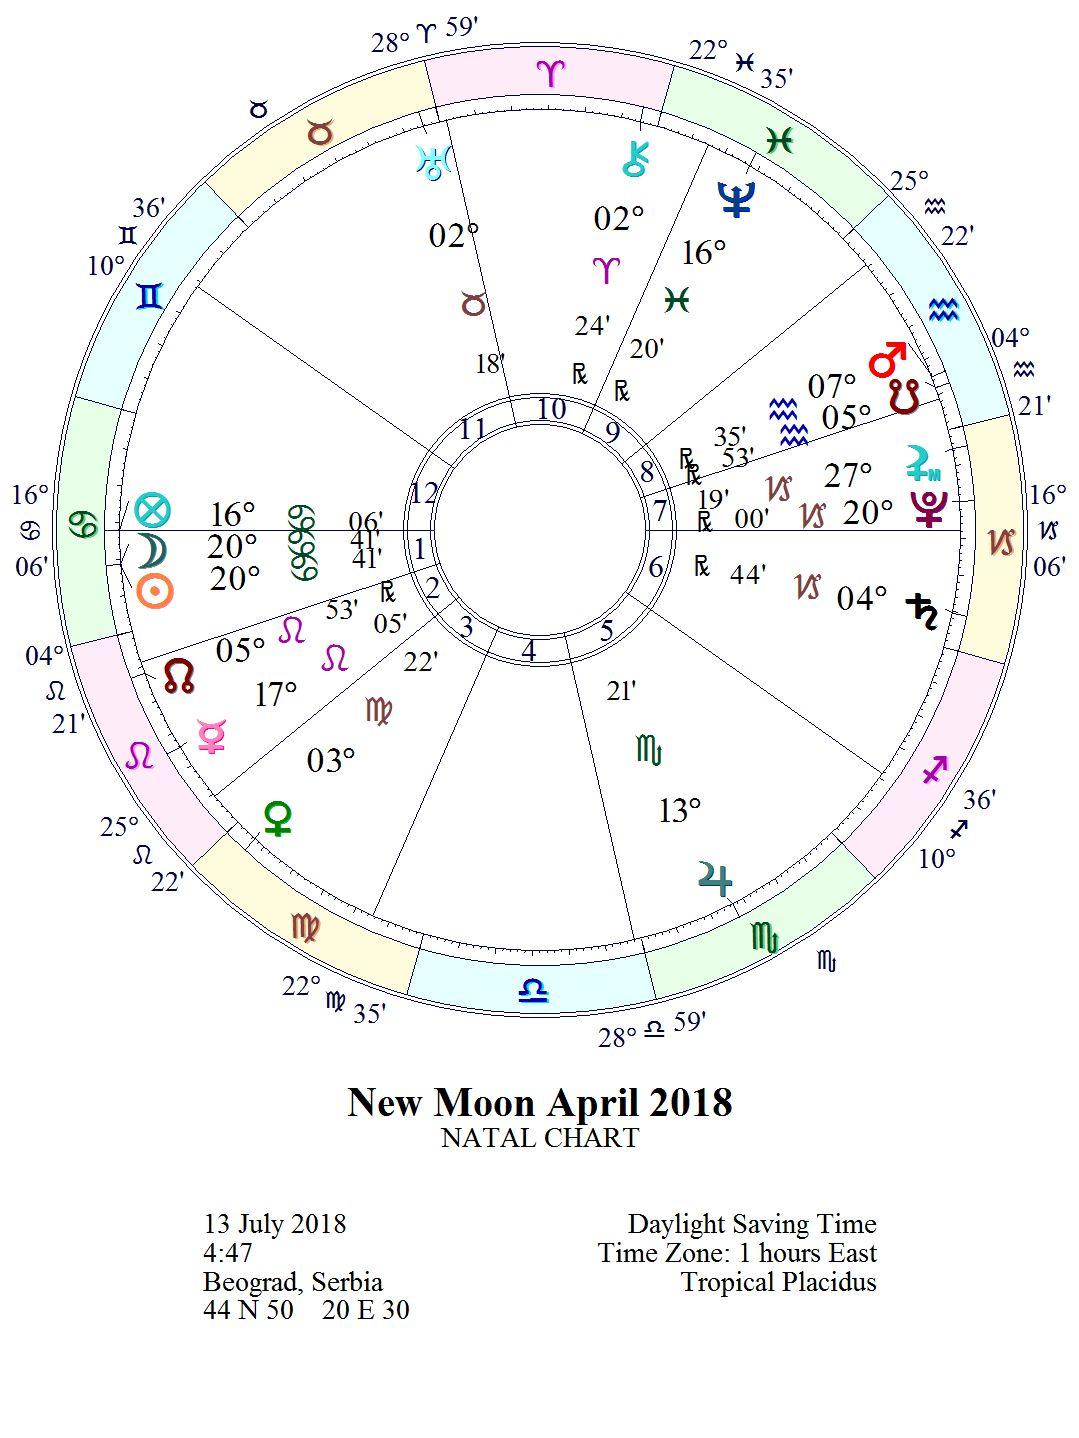 """NOVI LUNARNI CIKLUS 1. lunarni dan """"Svetiljka"""" 13.07. u 04:47 *MLAD MESEC 20° RAKA"""